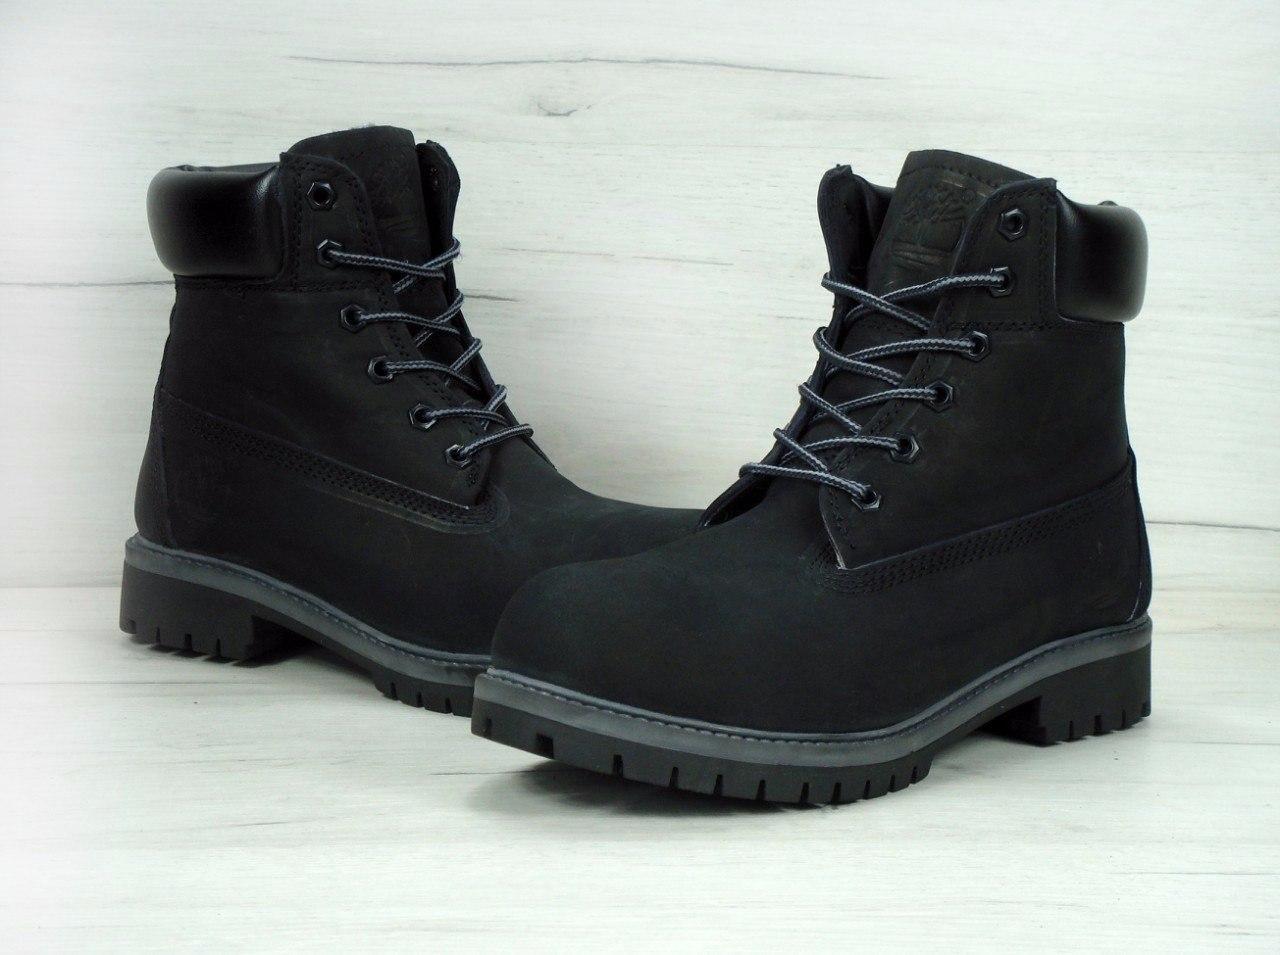 Ботинки Timberland женские зимние (черные), ТОП-реплика